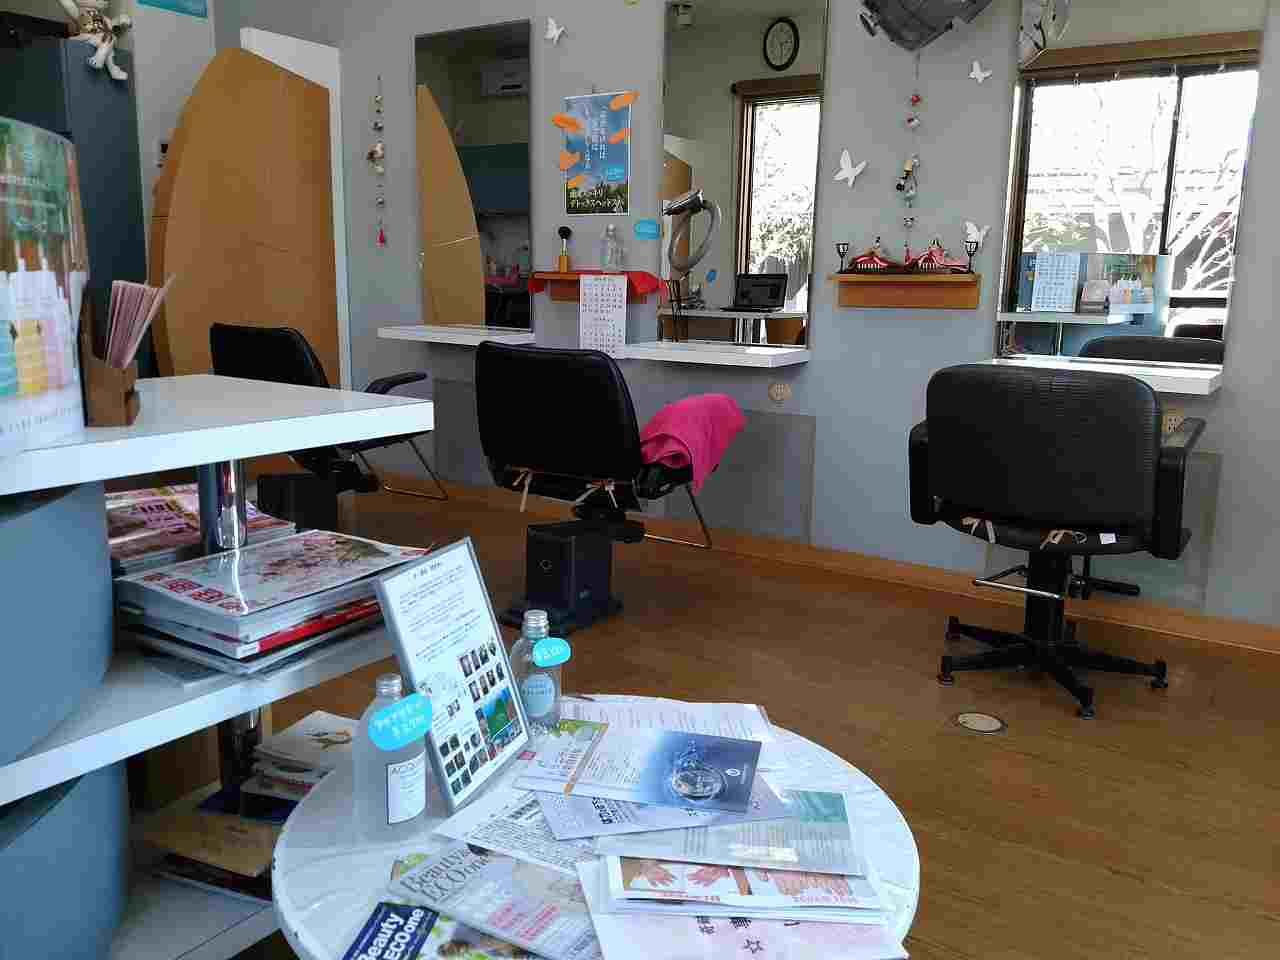 ハート美容室のサムネイル画像